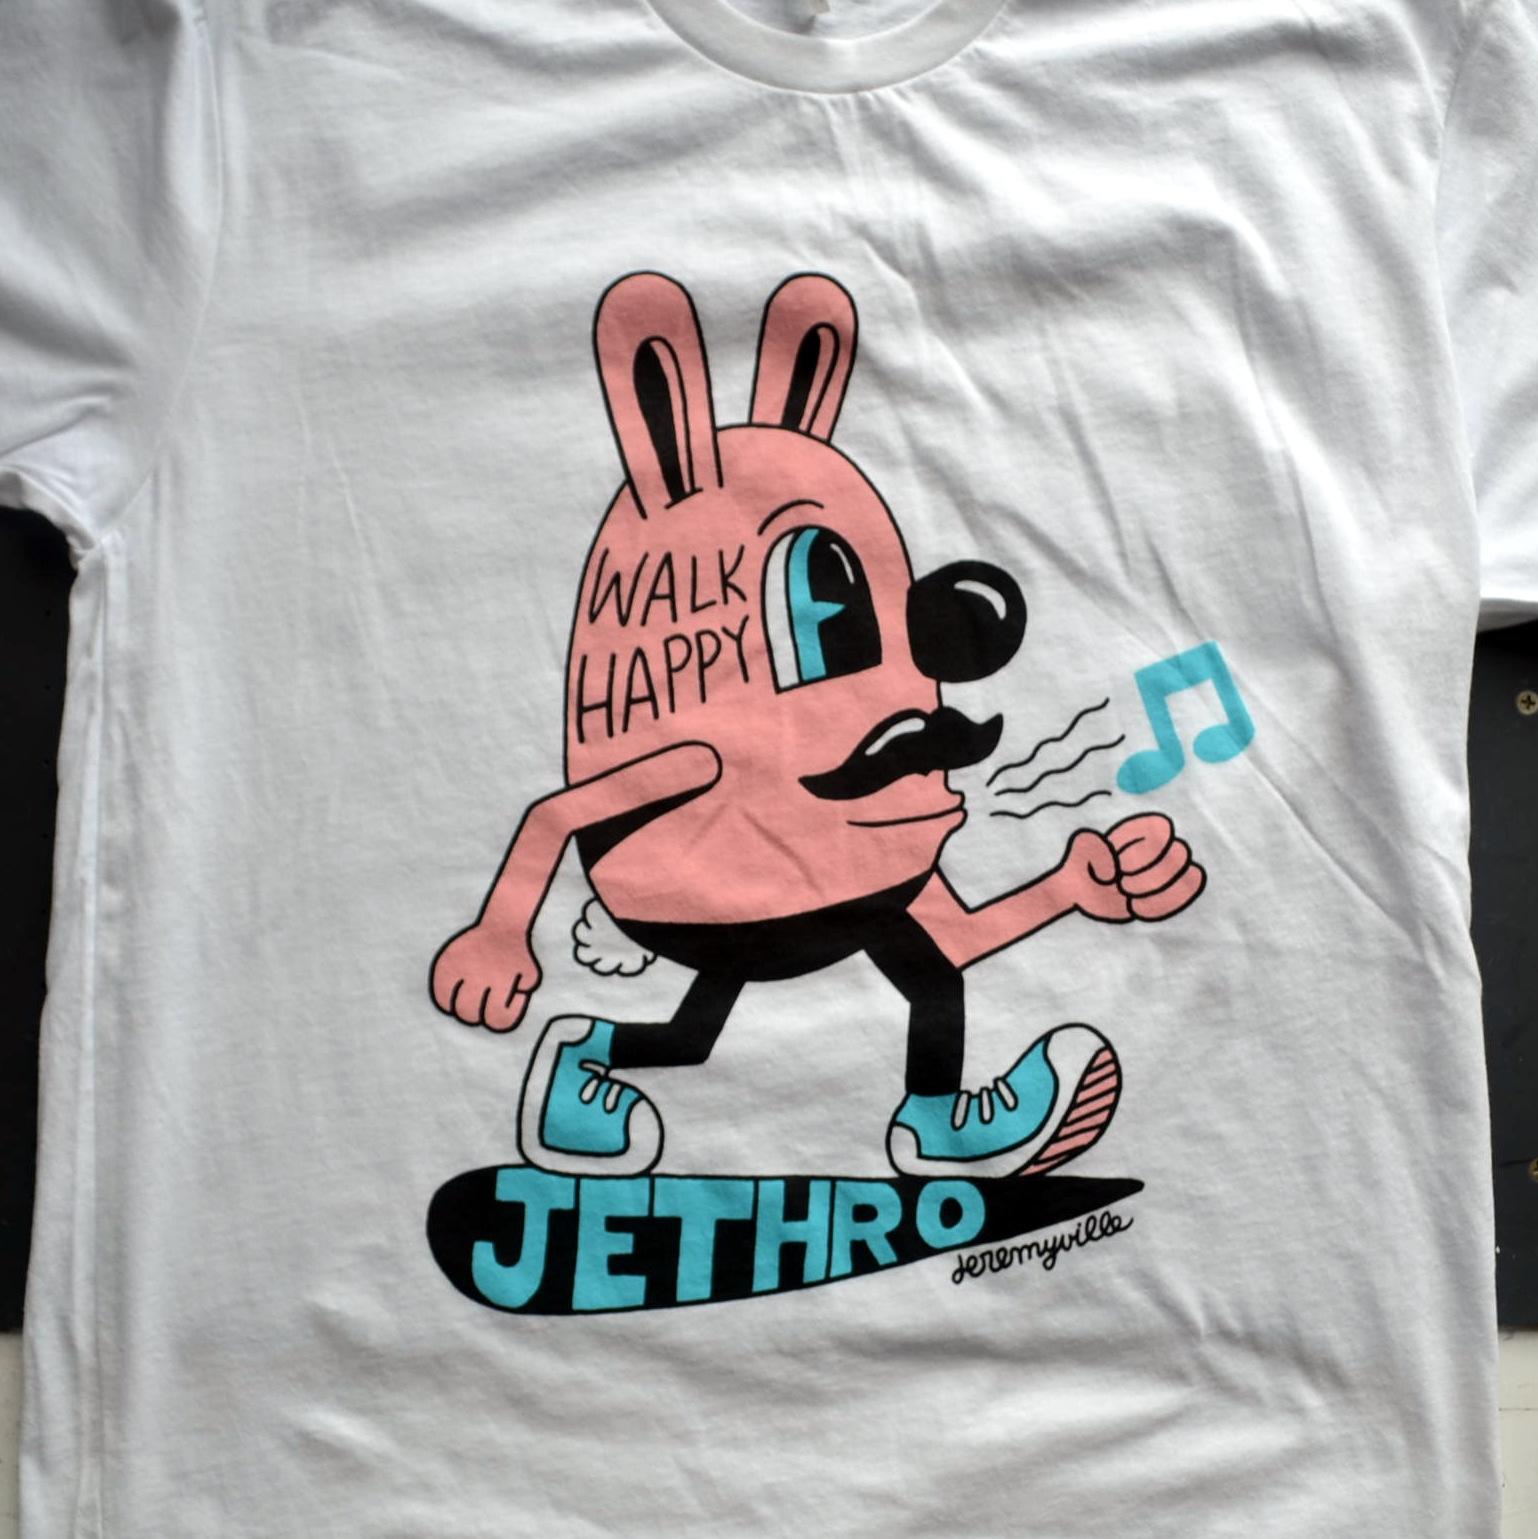 Jeremyville - Jethro